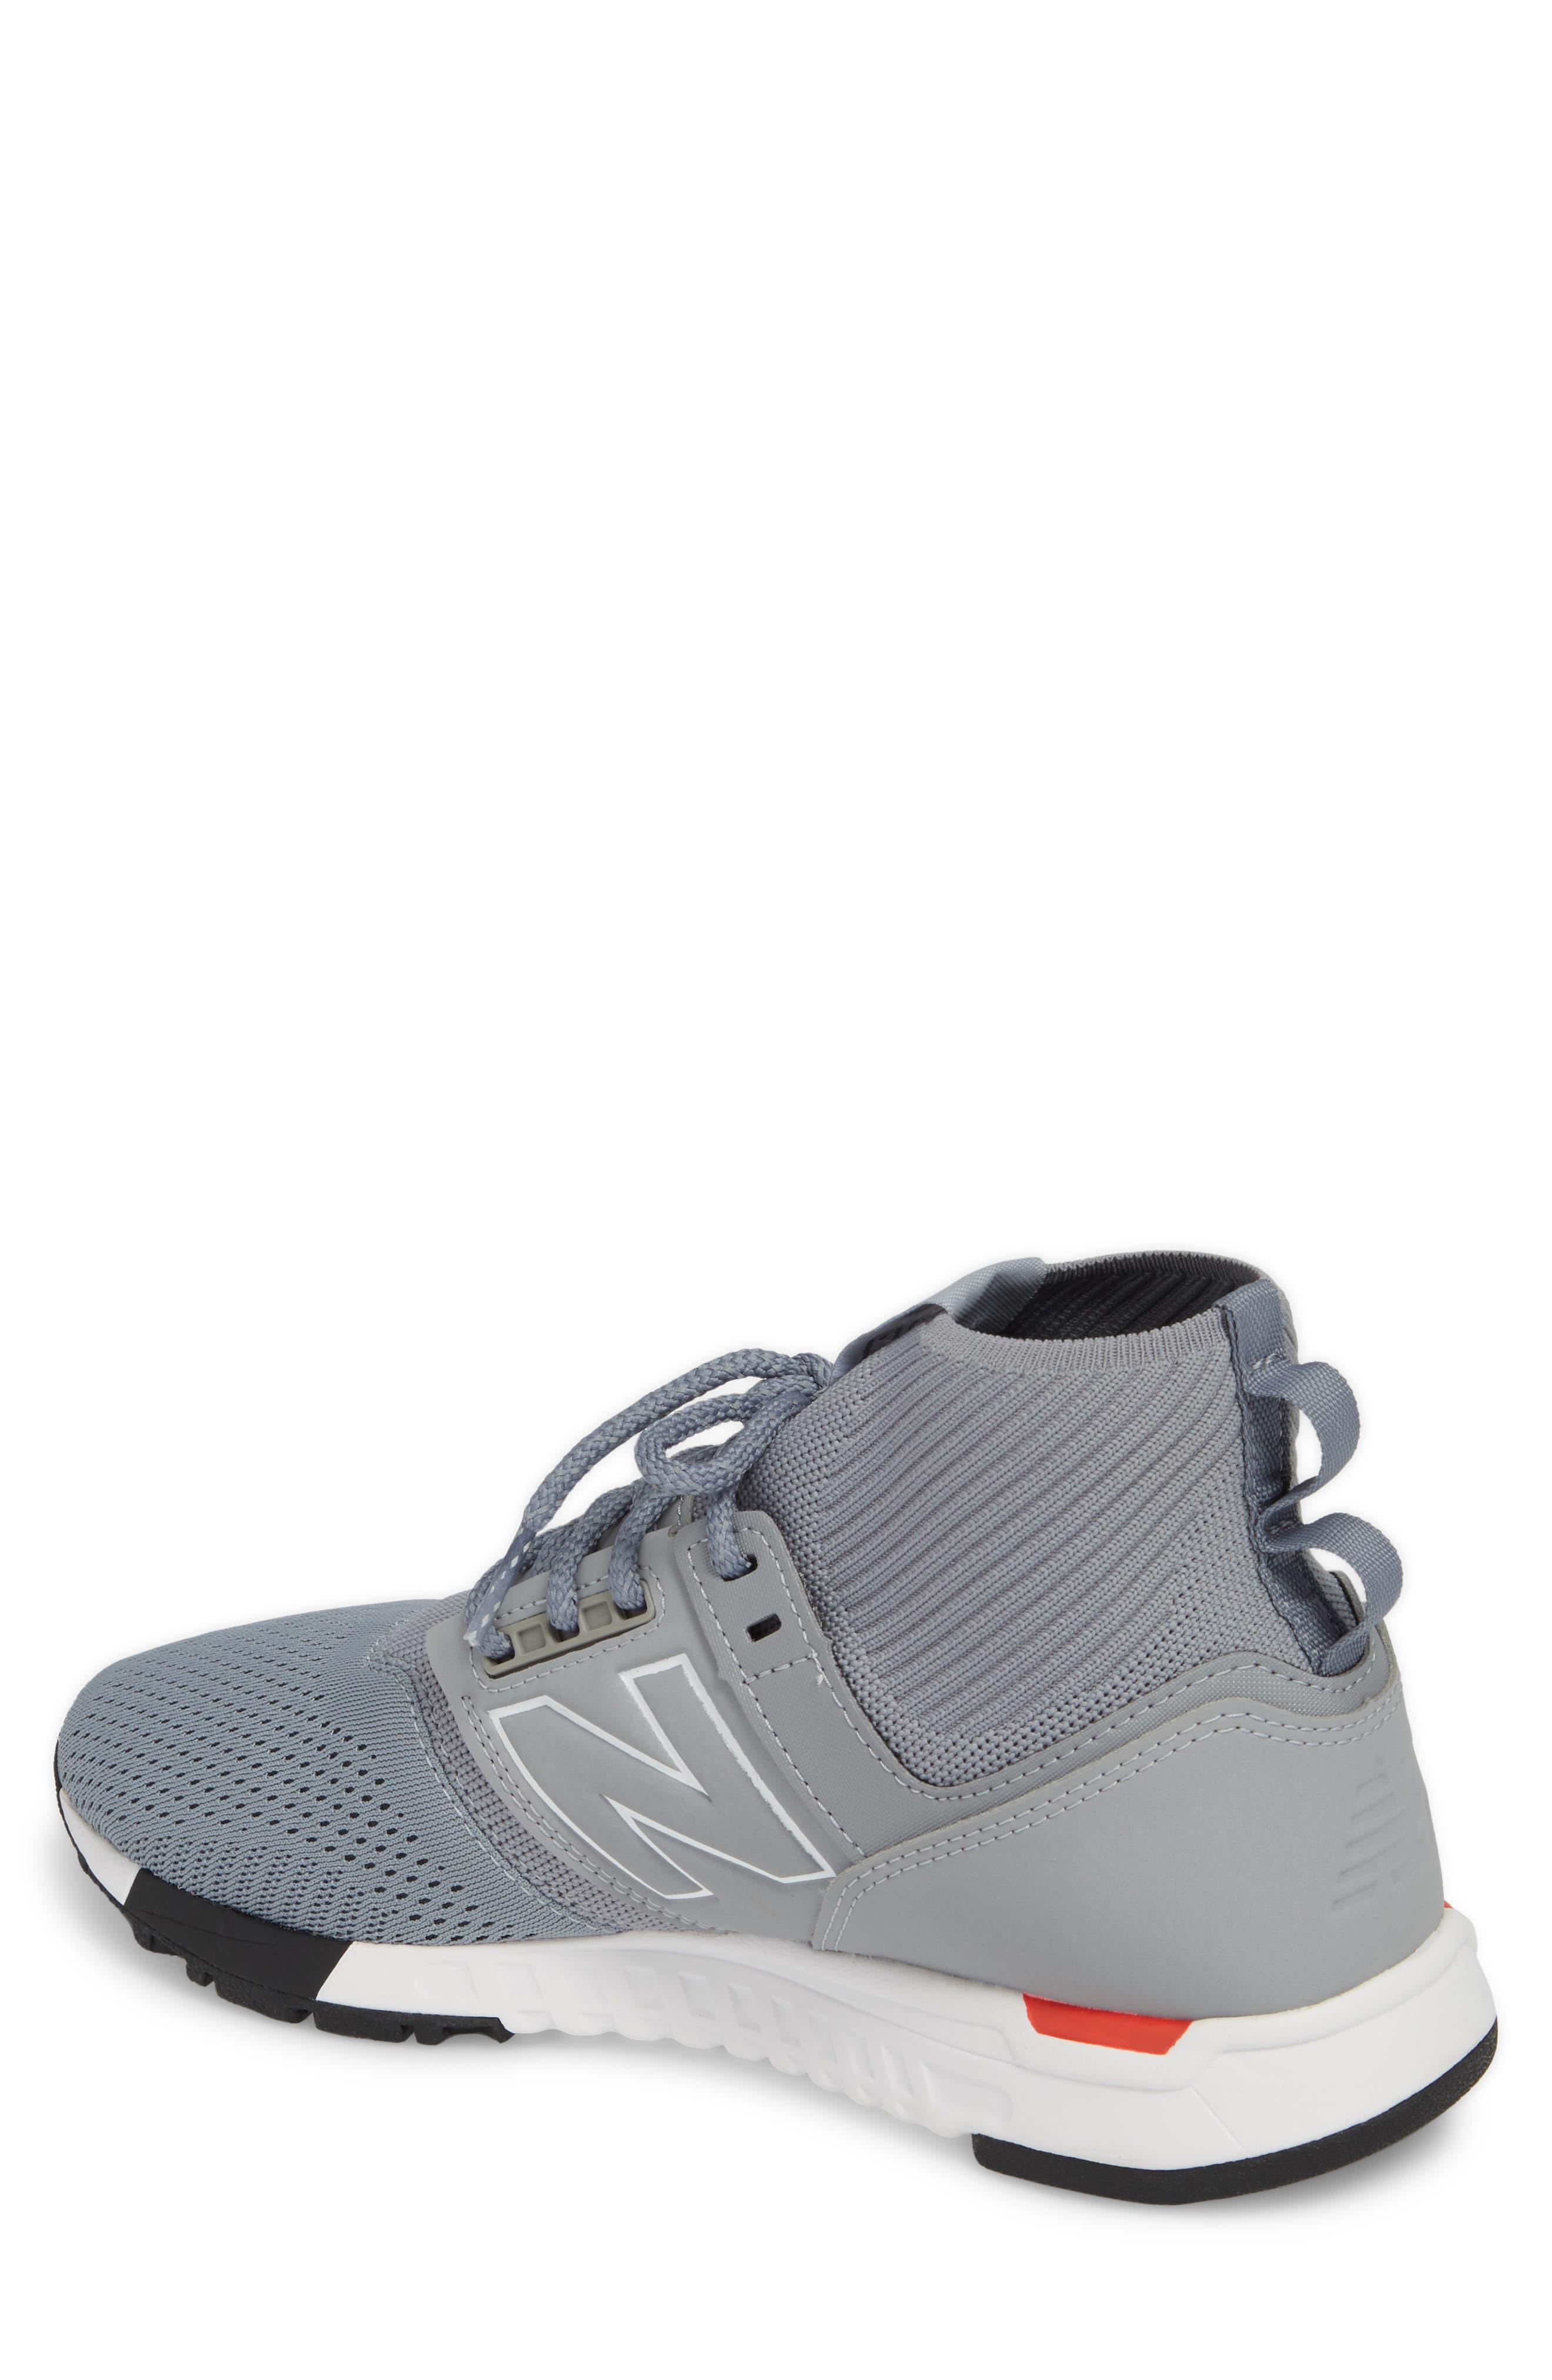 Alternate Image 2  - New Balance 247 Mid Sneaker (Men)